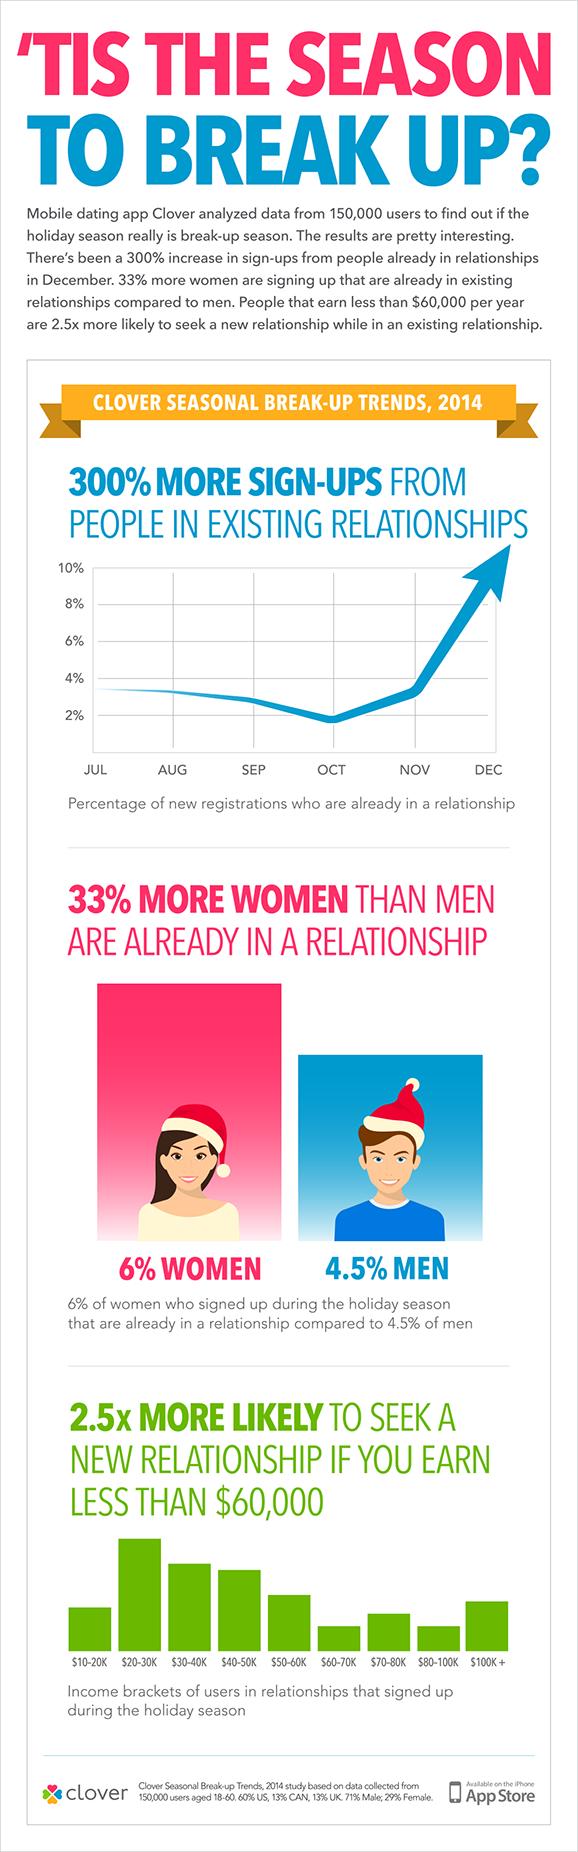 Clover-Infographic-BreakupTrends-2014